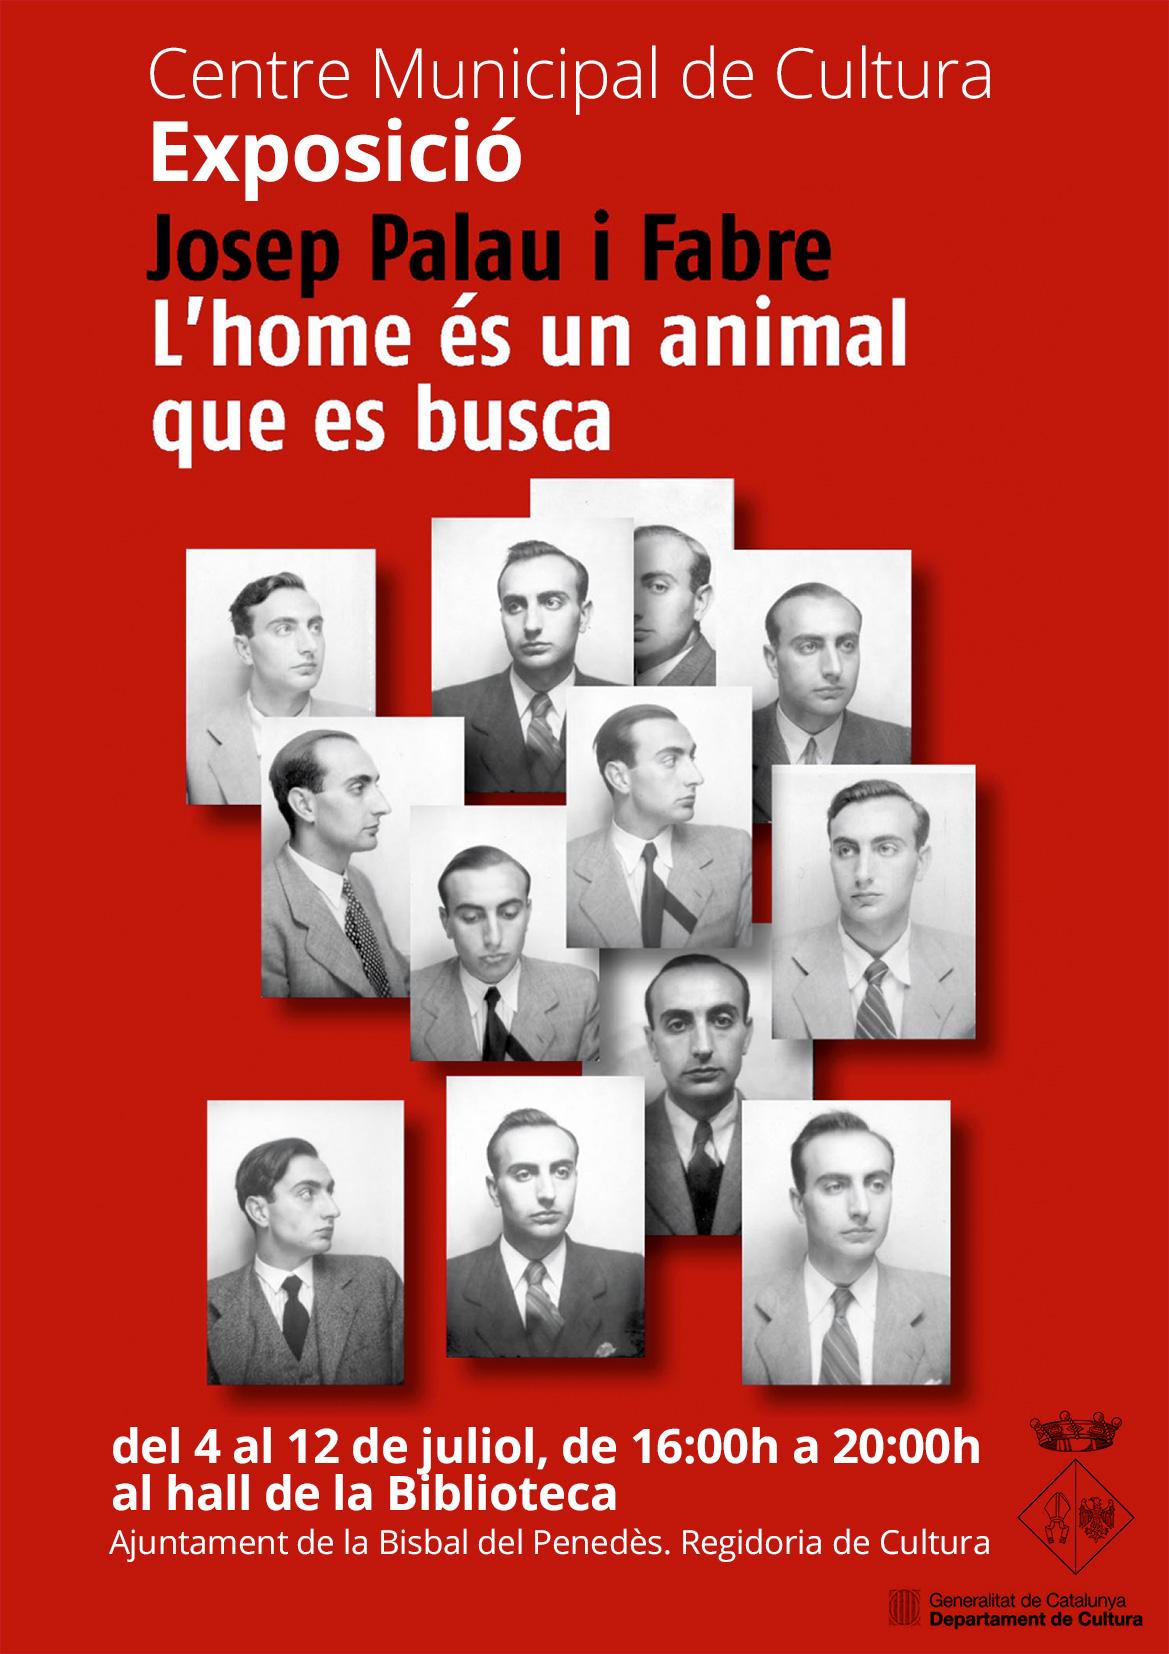 Nova exposició a la Biblioteca de La Bisbal sobre la figura de Josep Palau i Fabre